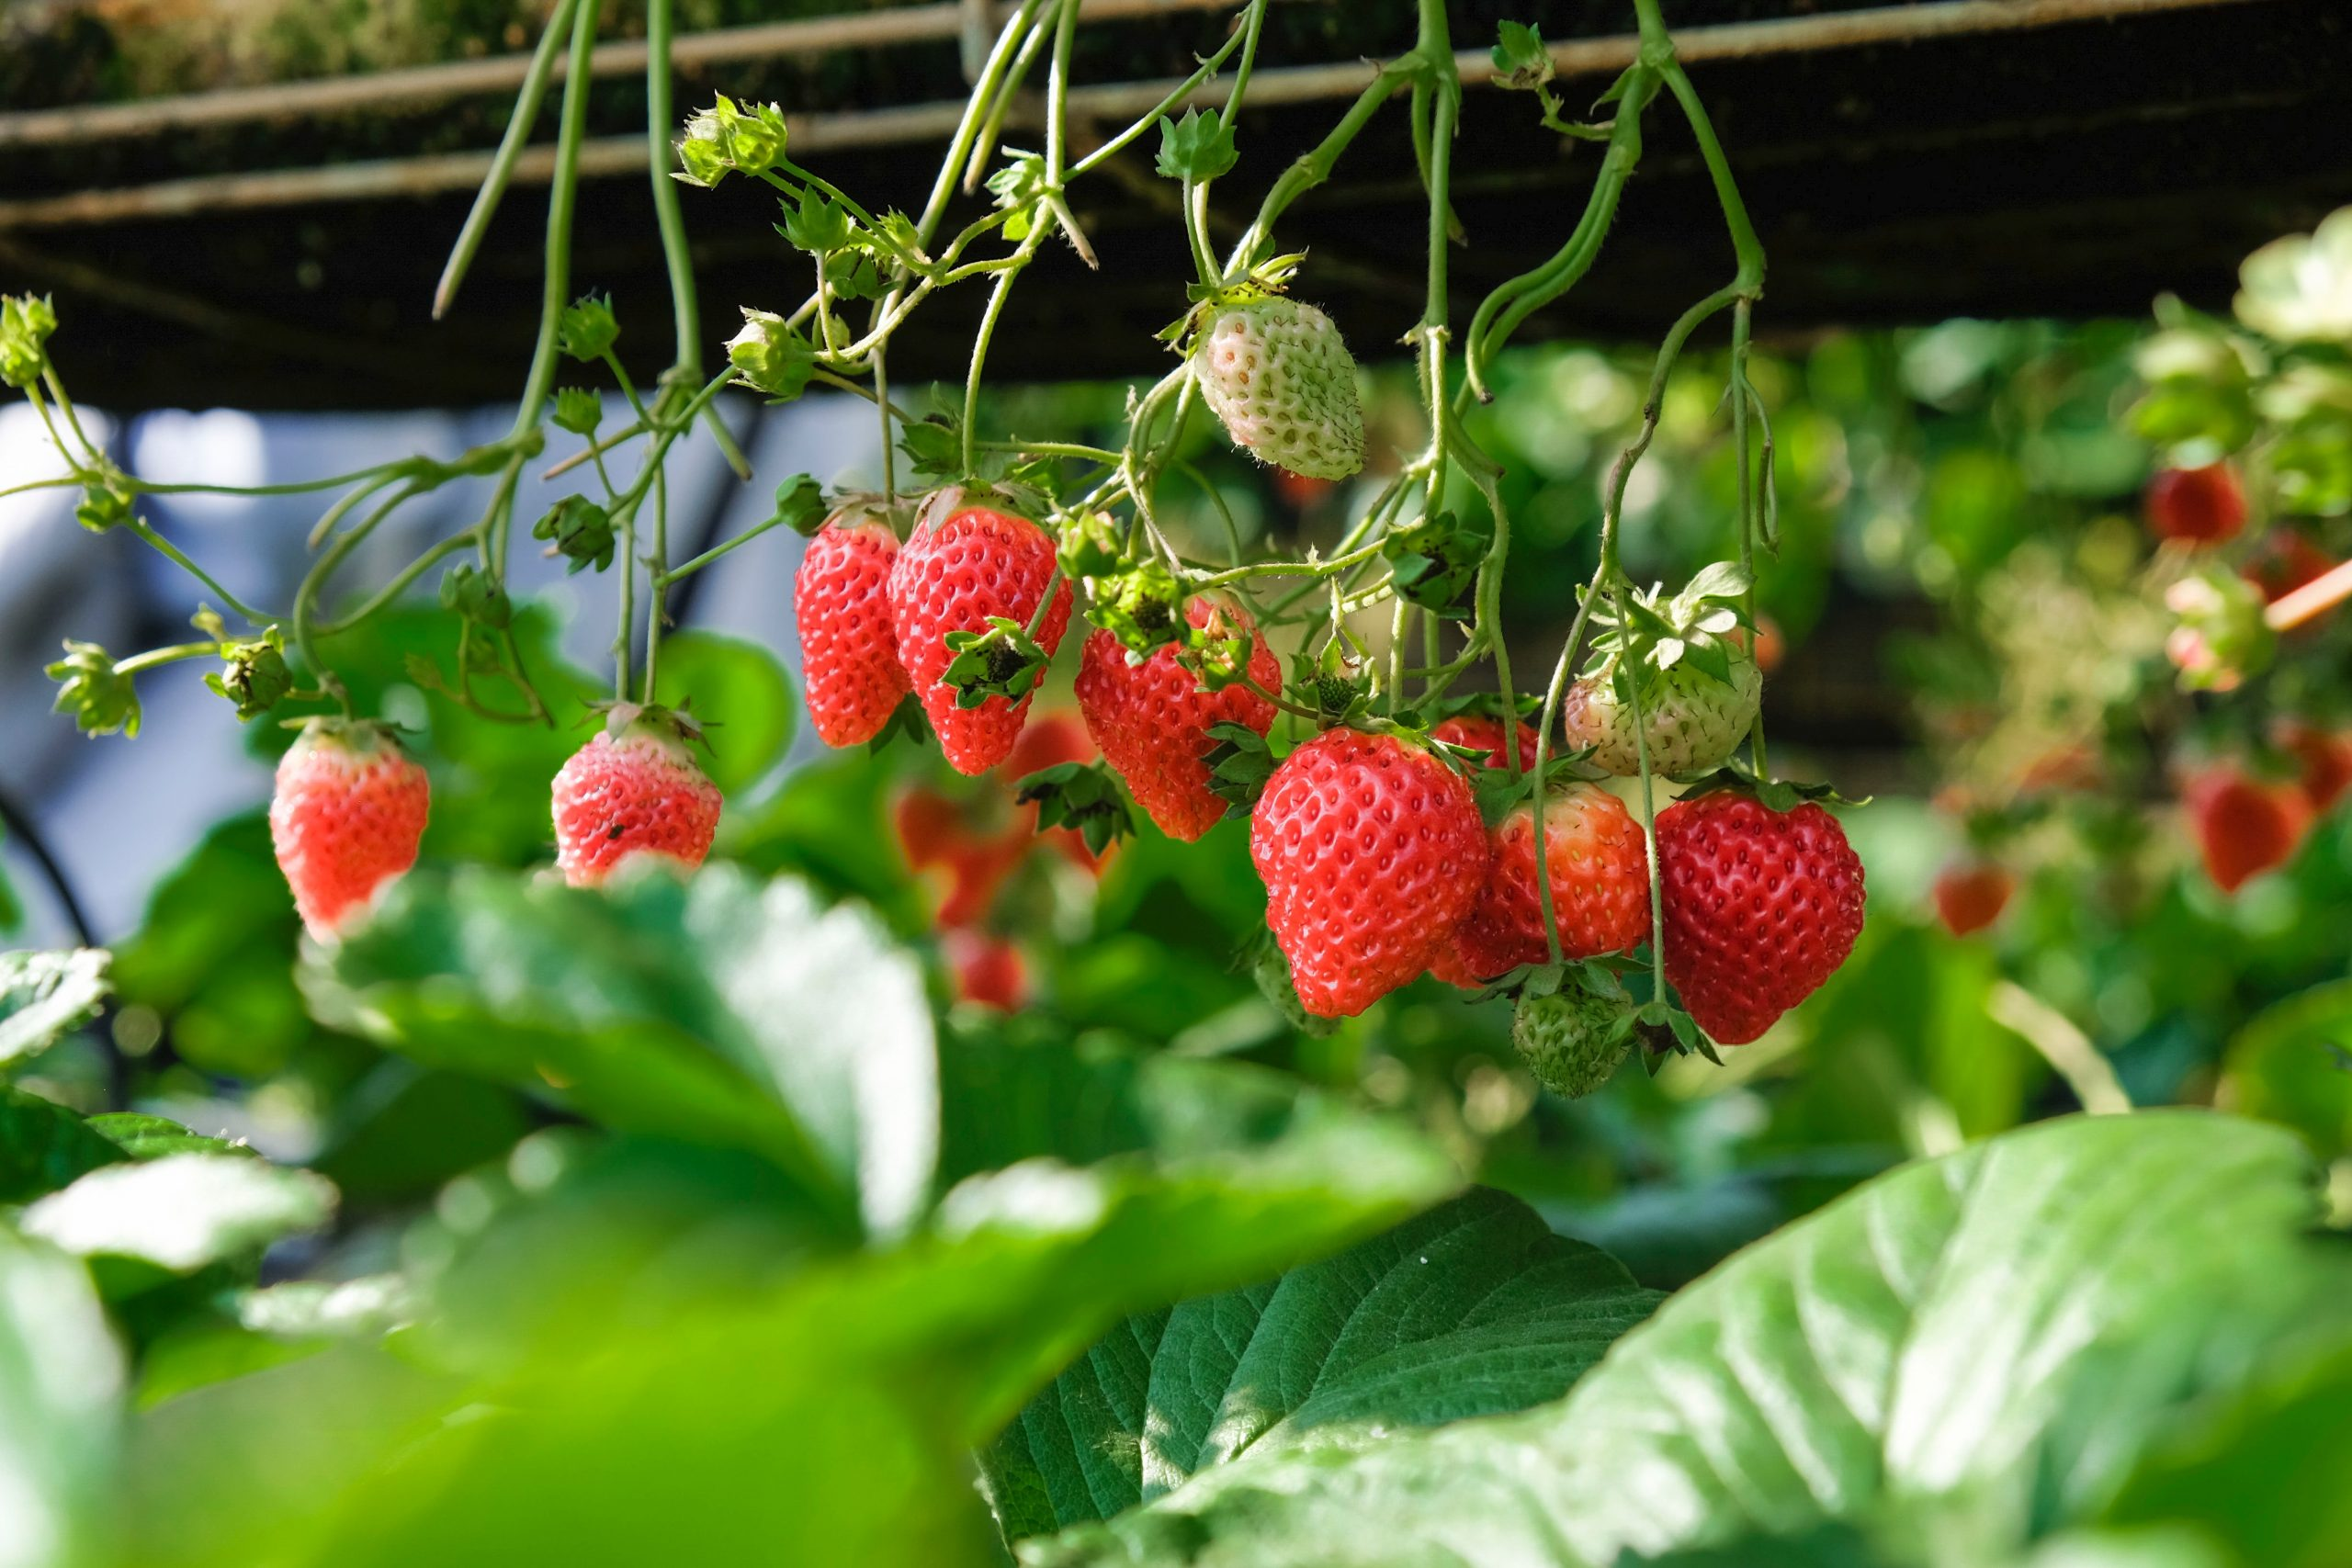 كيف تبدأ زراعة الفراولة داخل المنزل؟